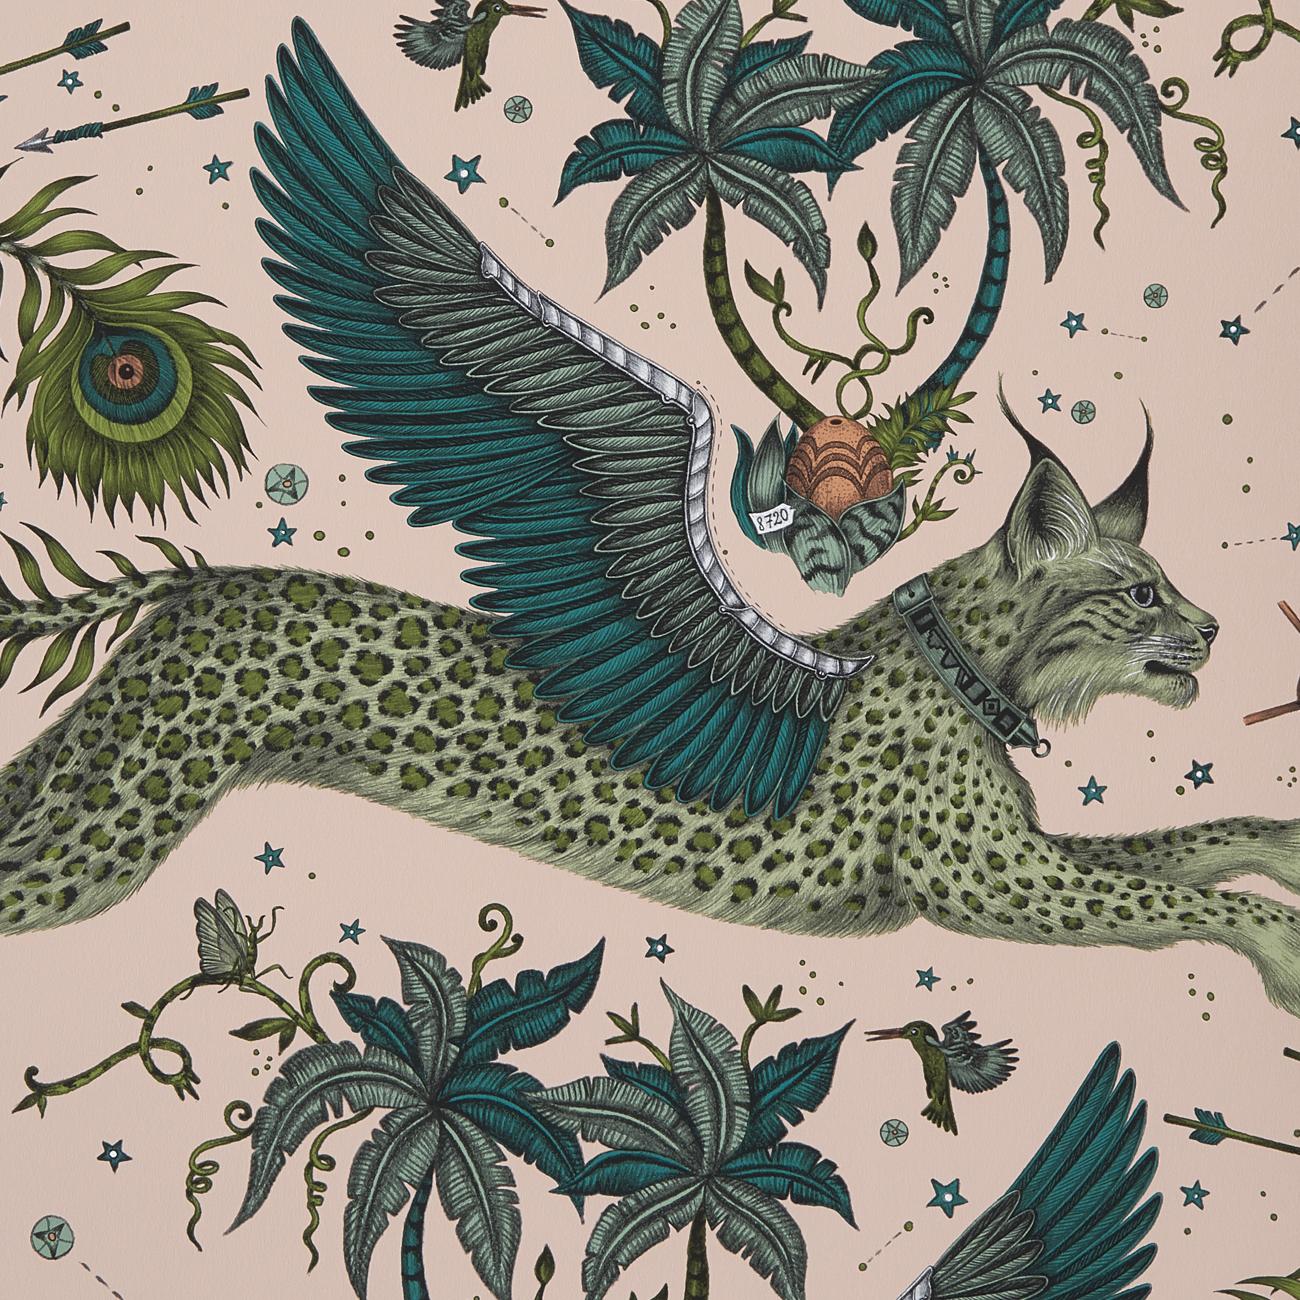 ОБОИ CLARKE & CLARKE WILDERIE арт. W0118-05